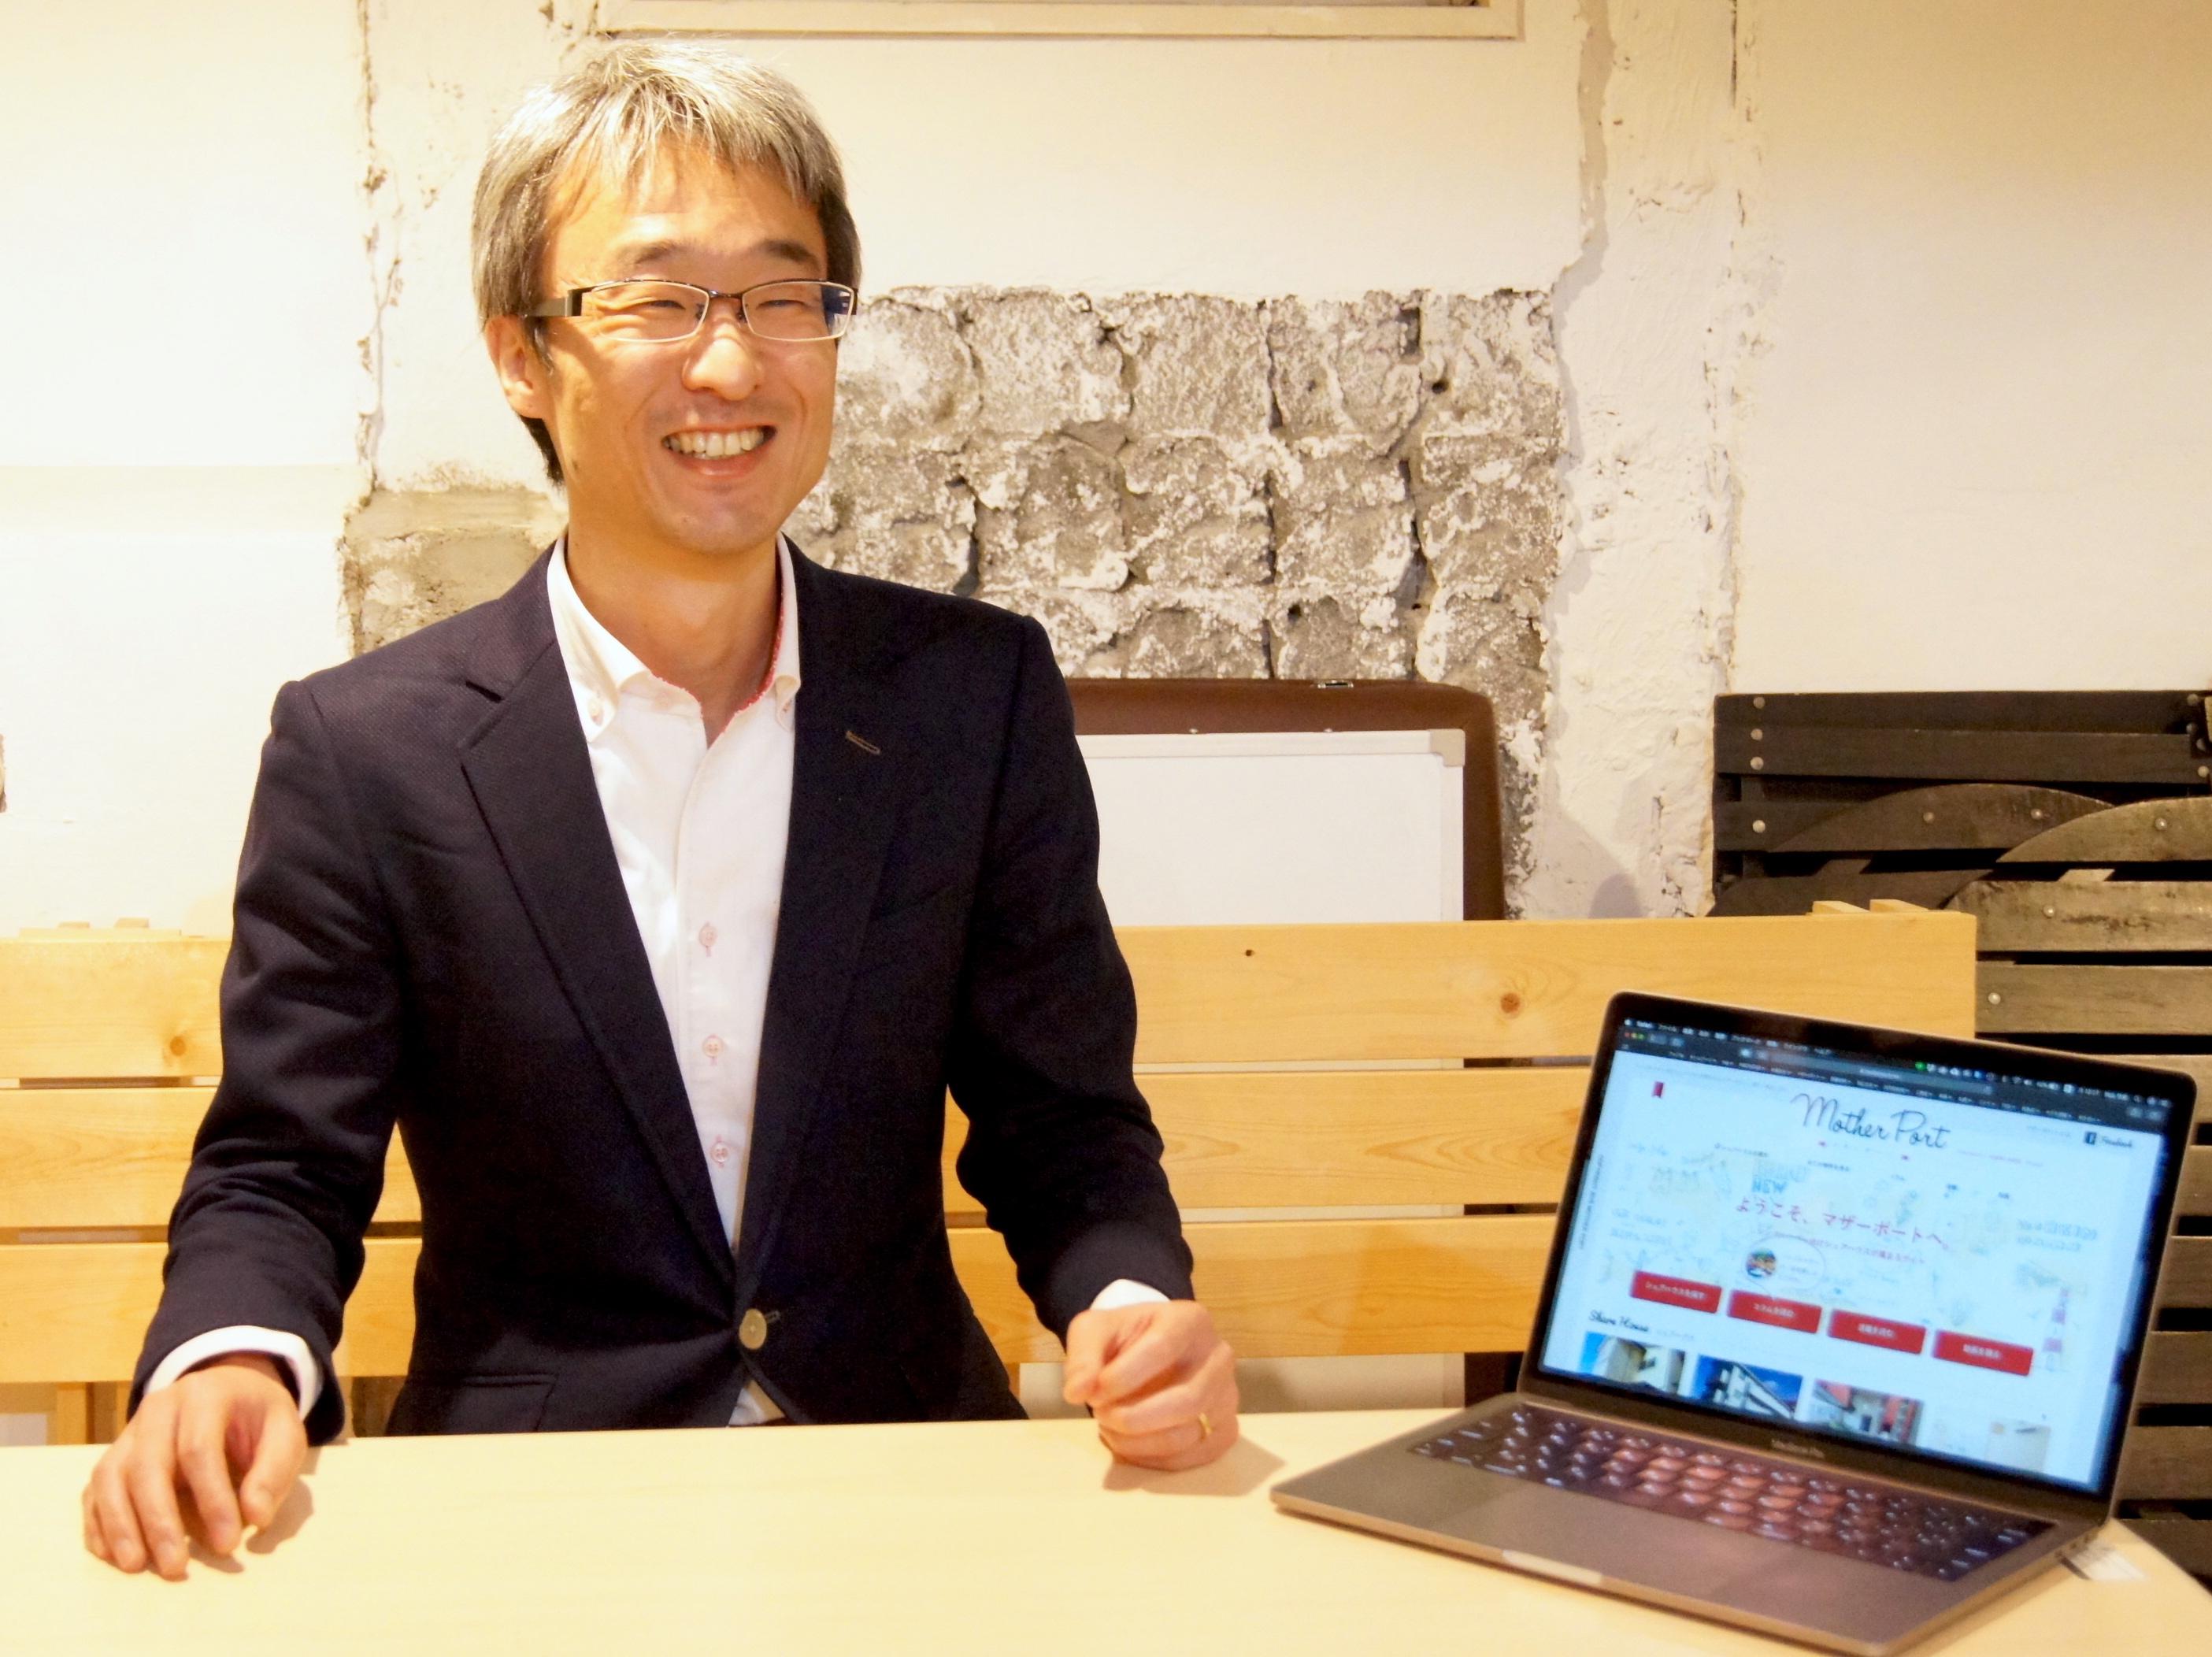 日本初のシングルマザー専用シェアハウスを作った建築家・秋山怜史さんにインタビュー